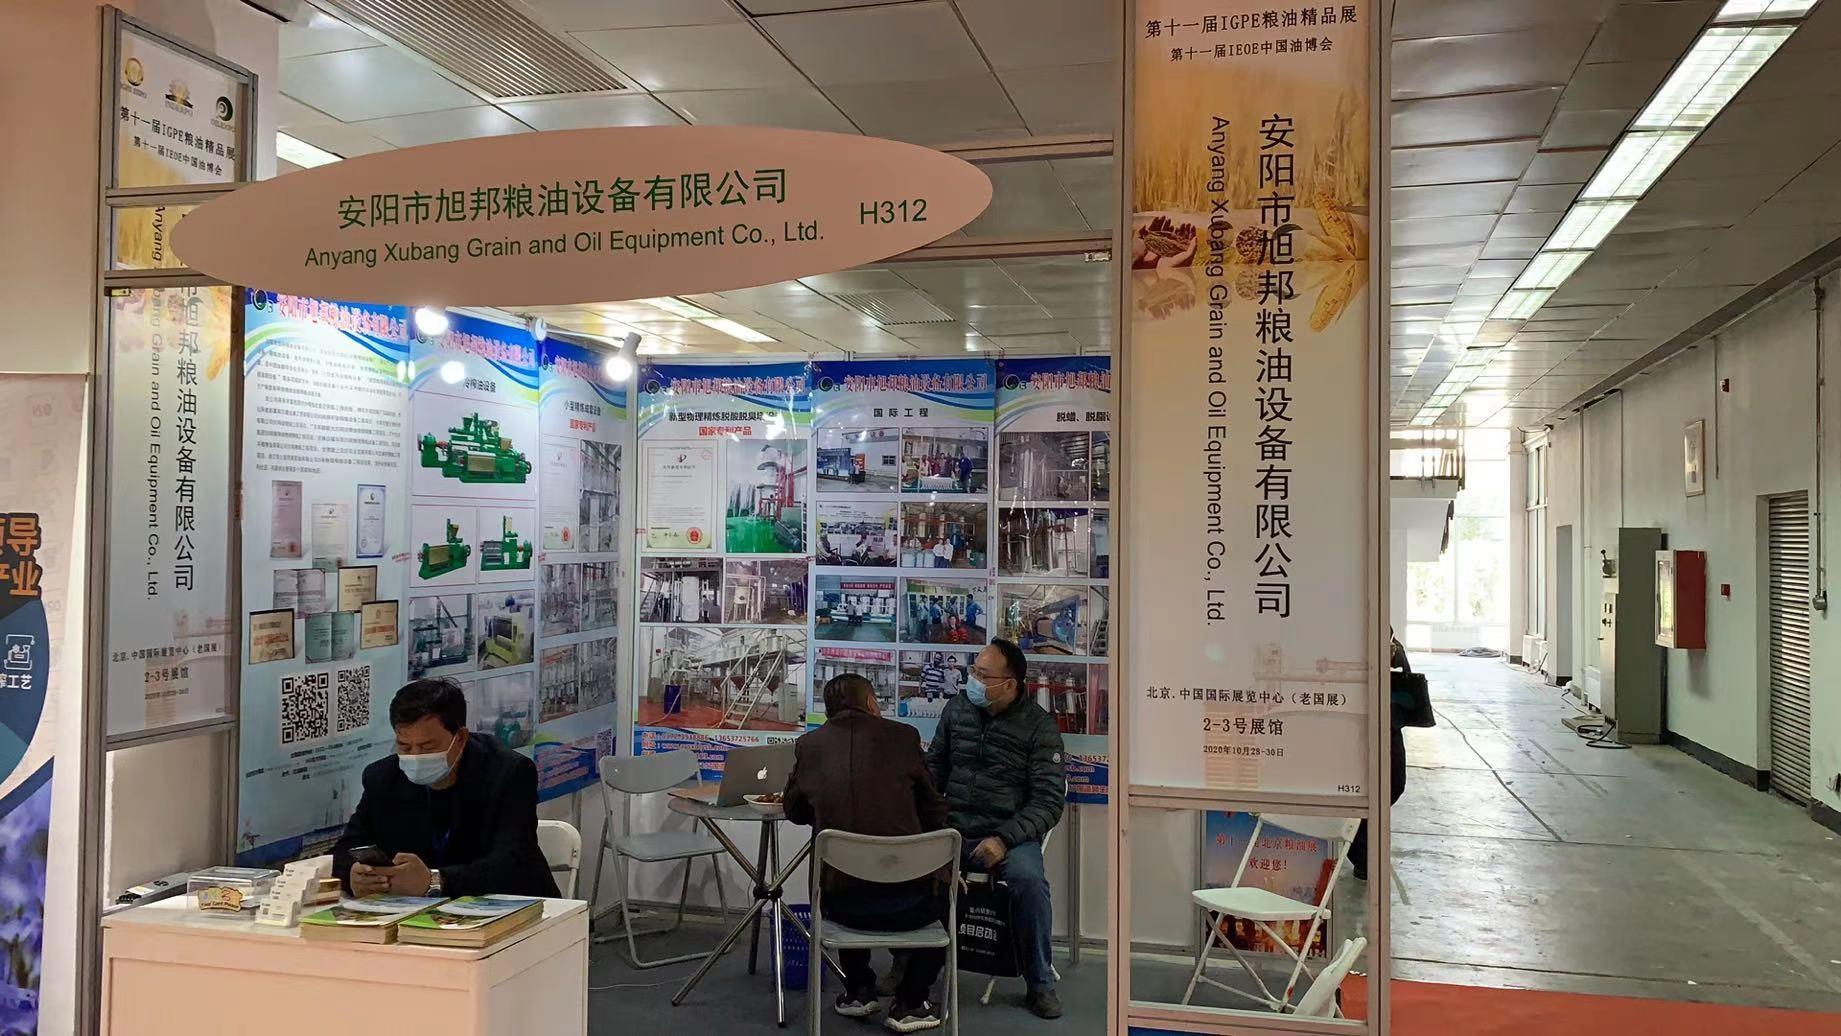 第十一界igpe粮油加工及储藏物资技术博览会